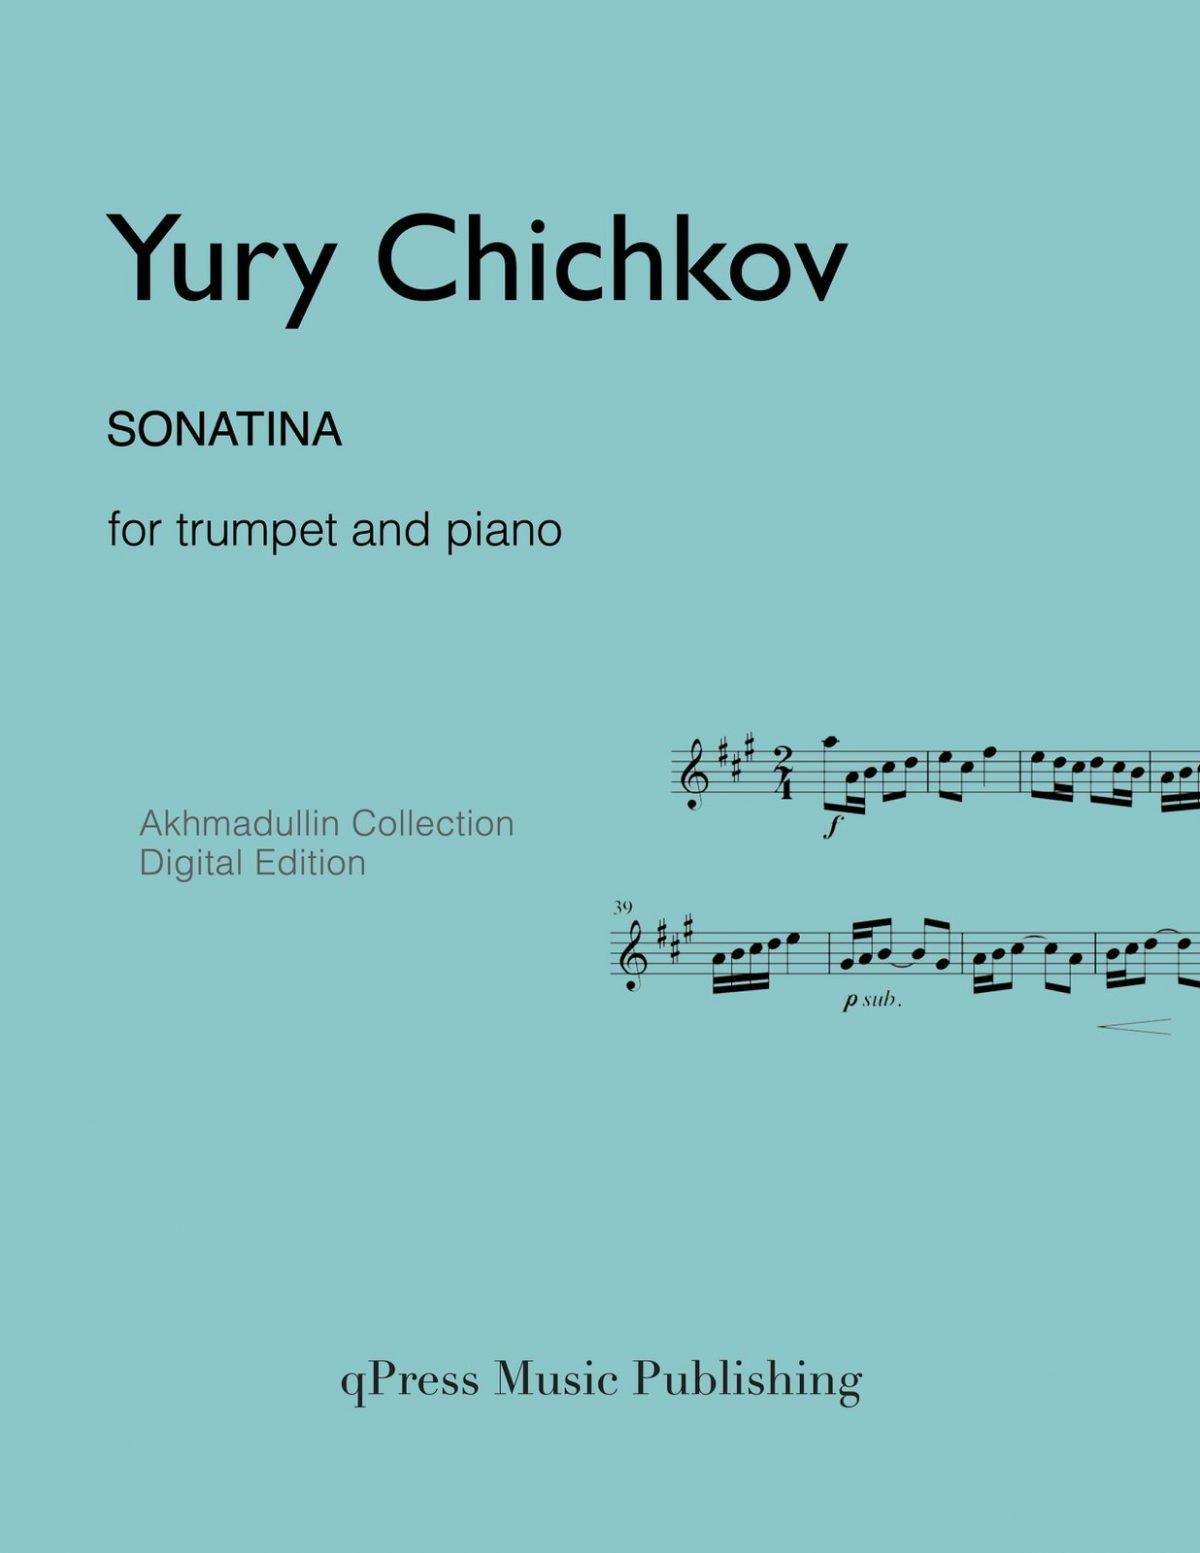 Chichkov, Sonatina (Score and Part)-p01